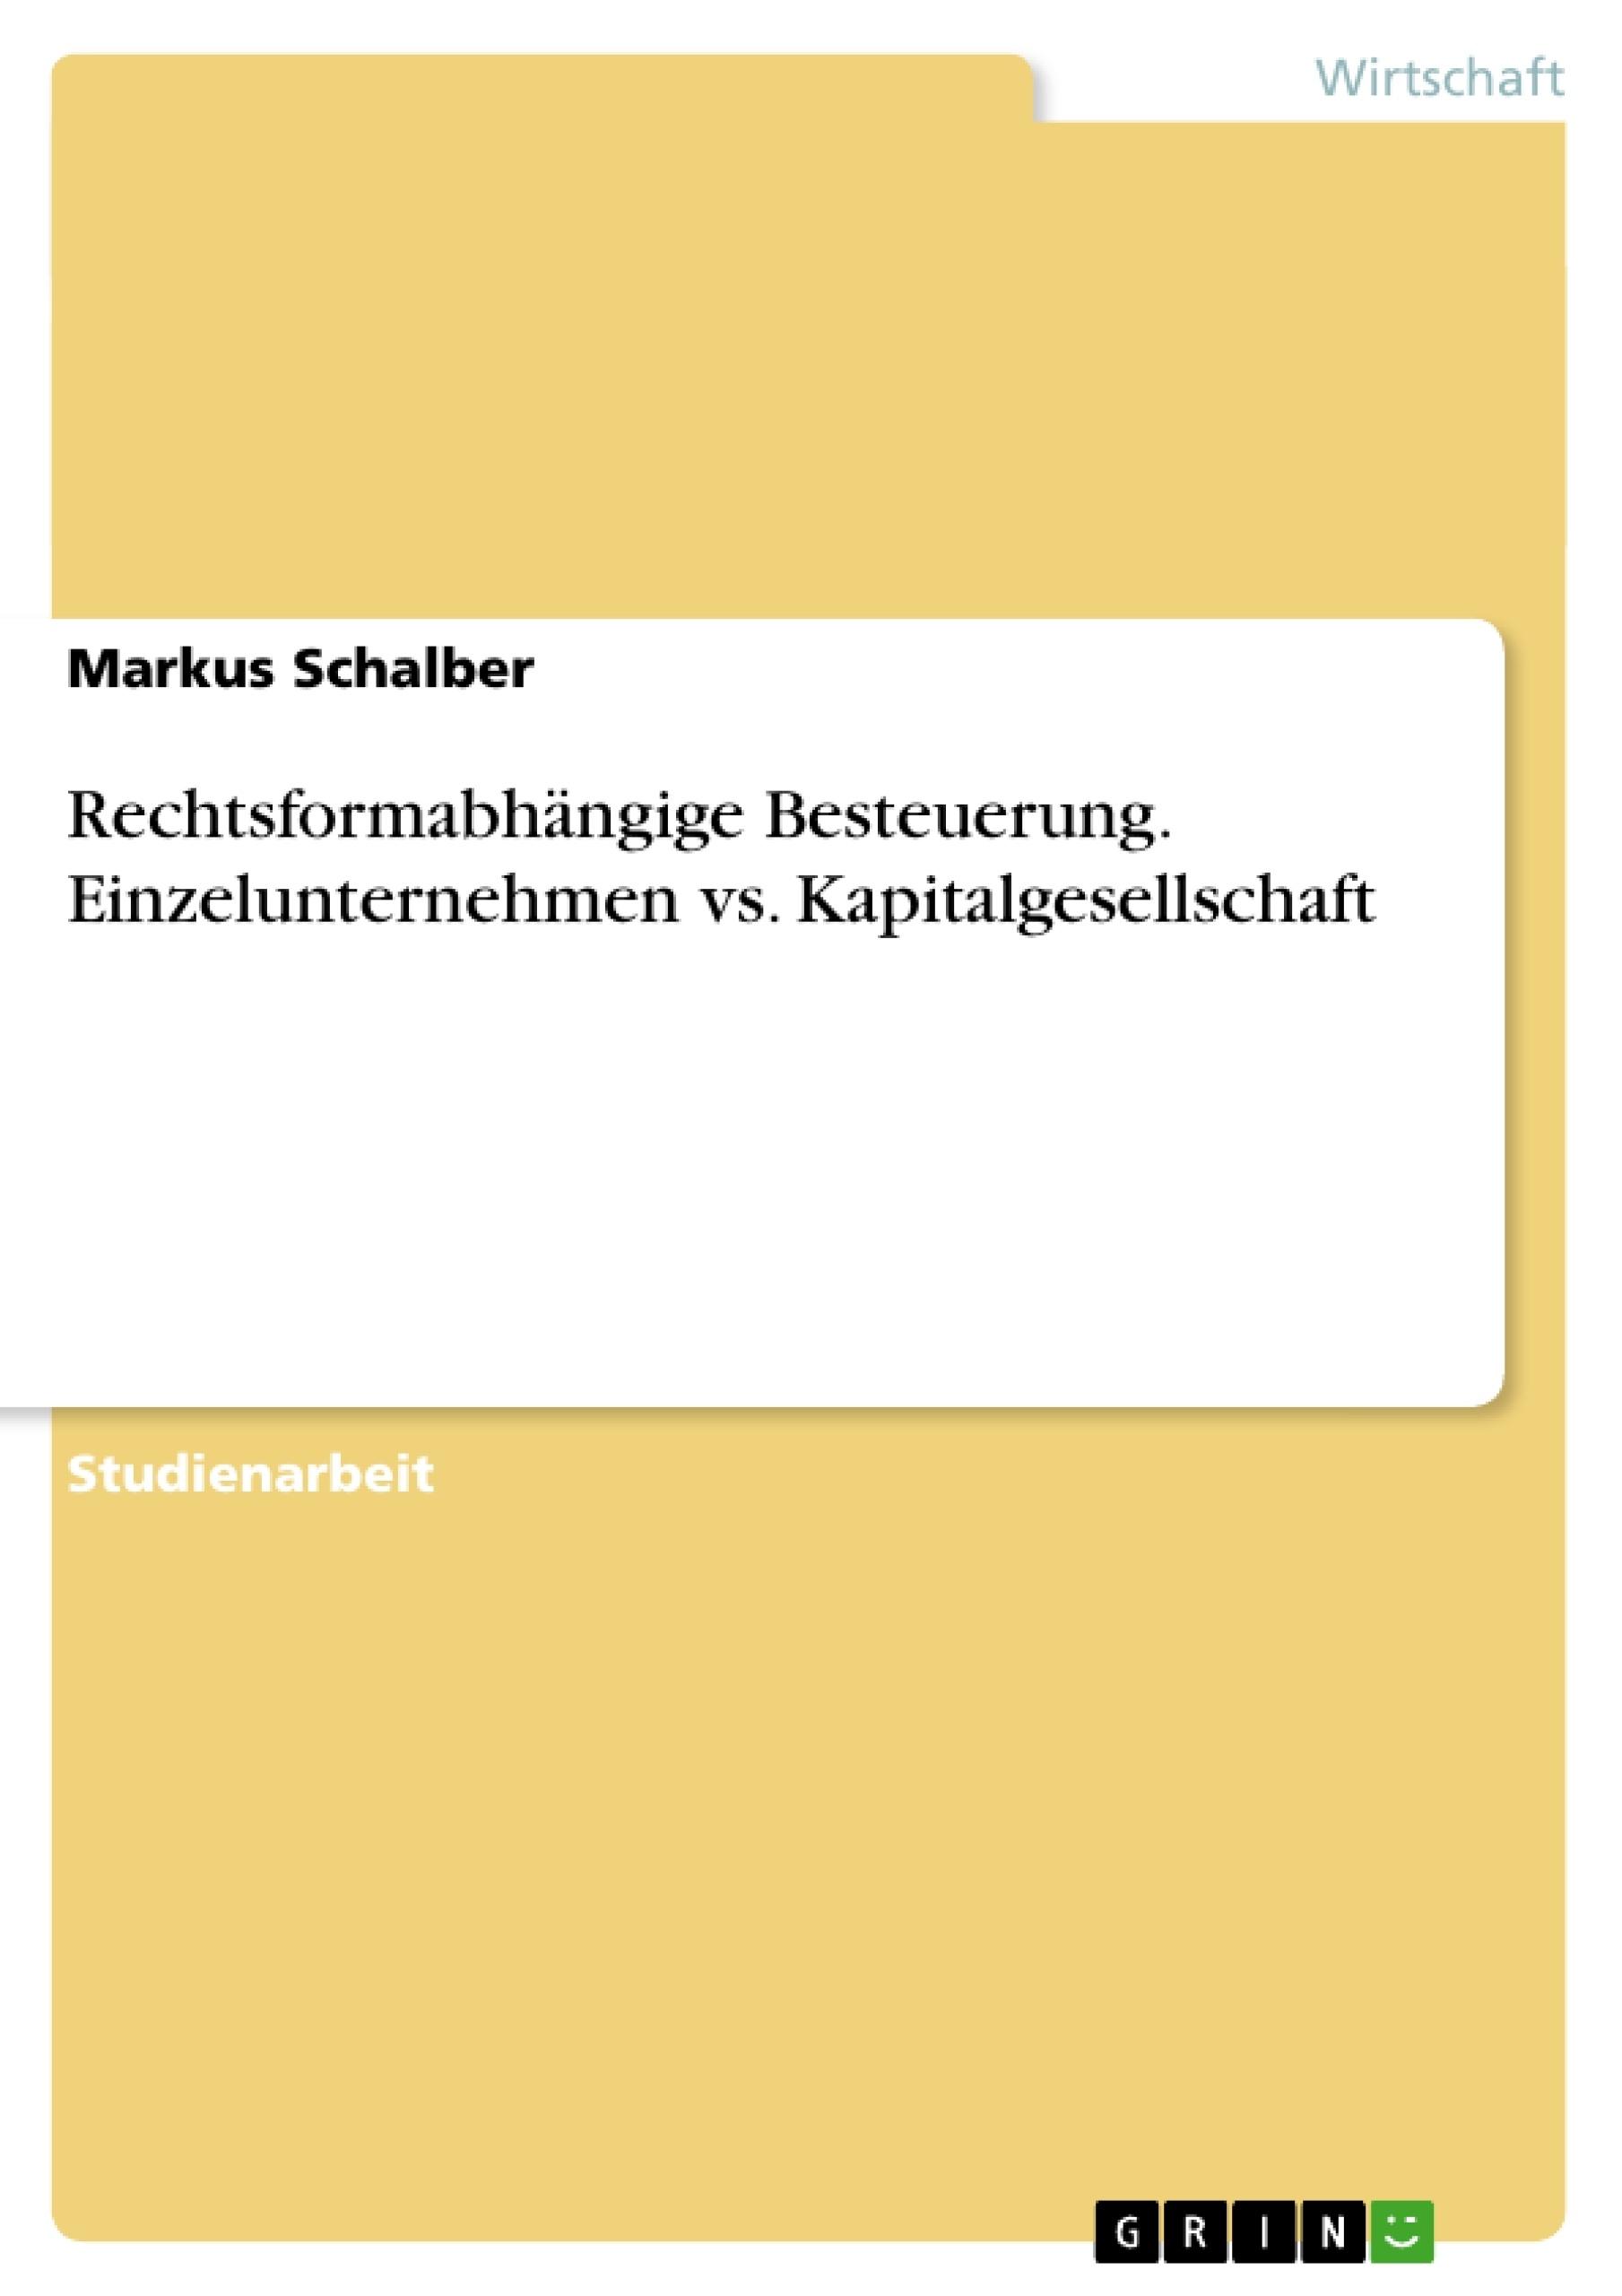 Titel: Rechtsformabhängige Besteuerung. Einzelunternehmen vs. Kapitalgesellschaft